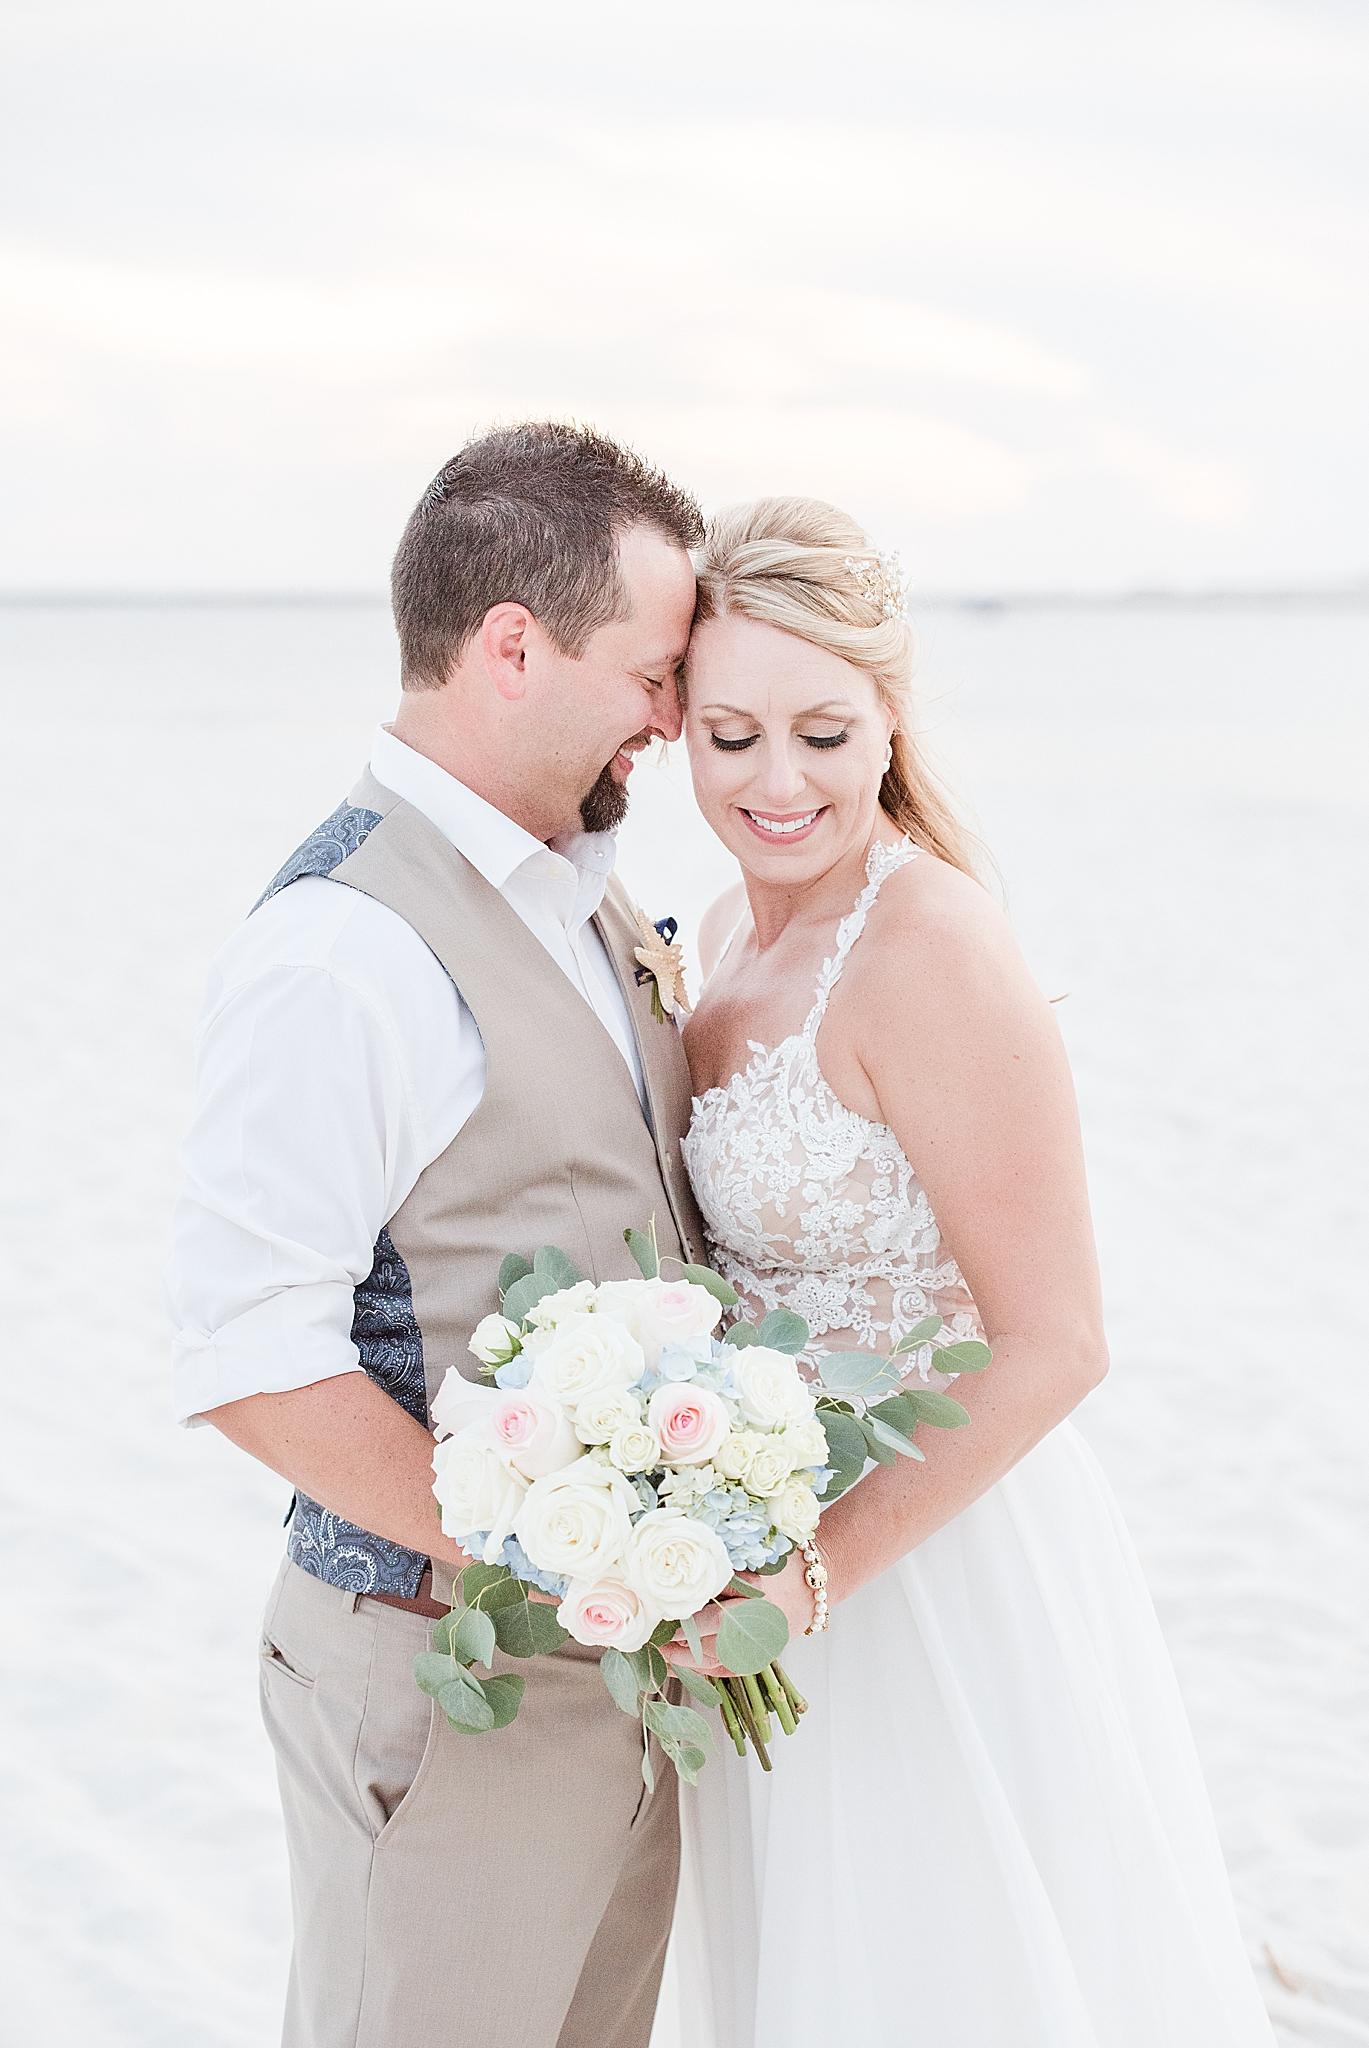 Gulf Shores Wedding Chapel wedding portraits on beach